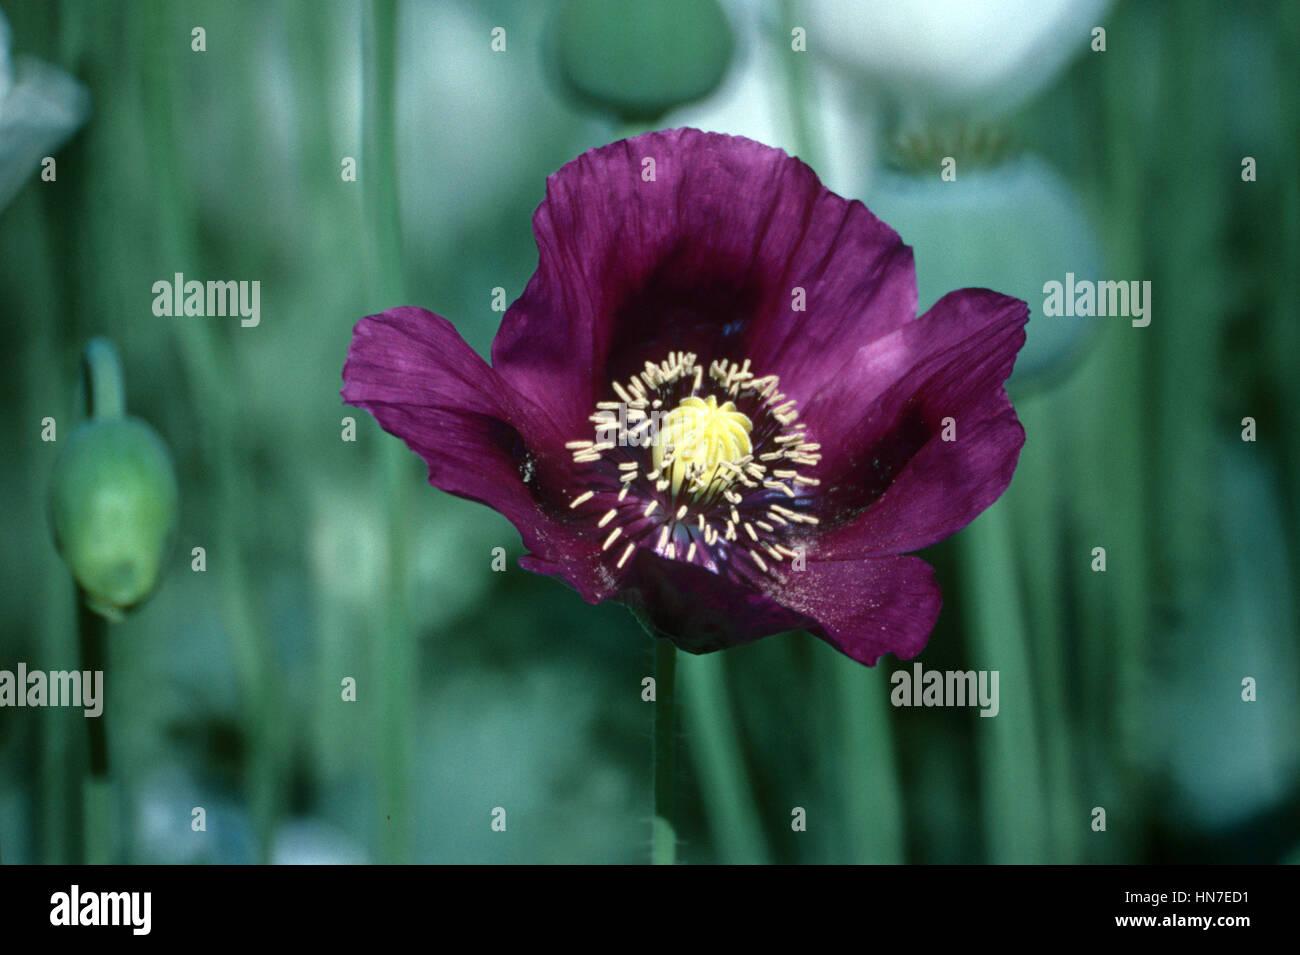 Purple opium poppy flower papaver somniferum and field of opium purple opium poppy flower papaver somniferum and field of opium poppies turkey mightylinksfo Gallery